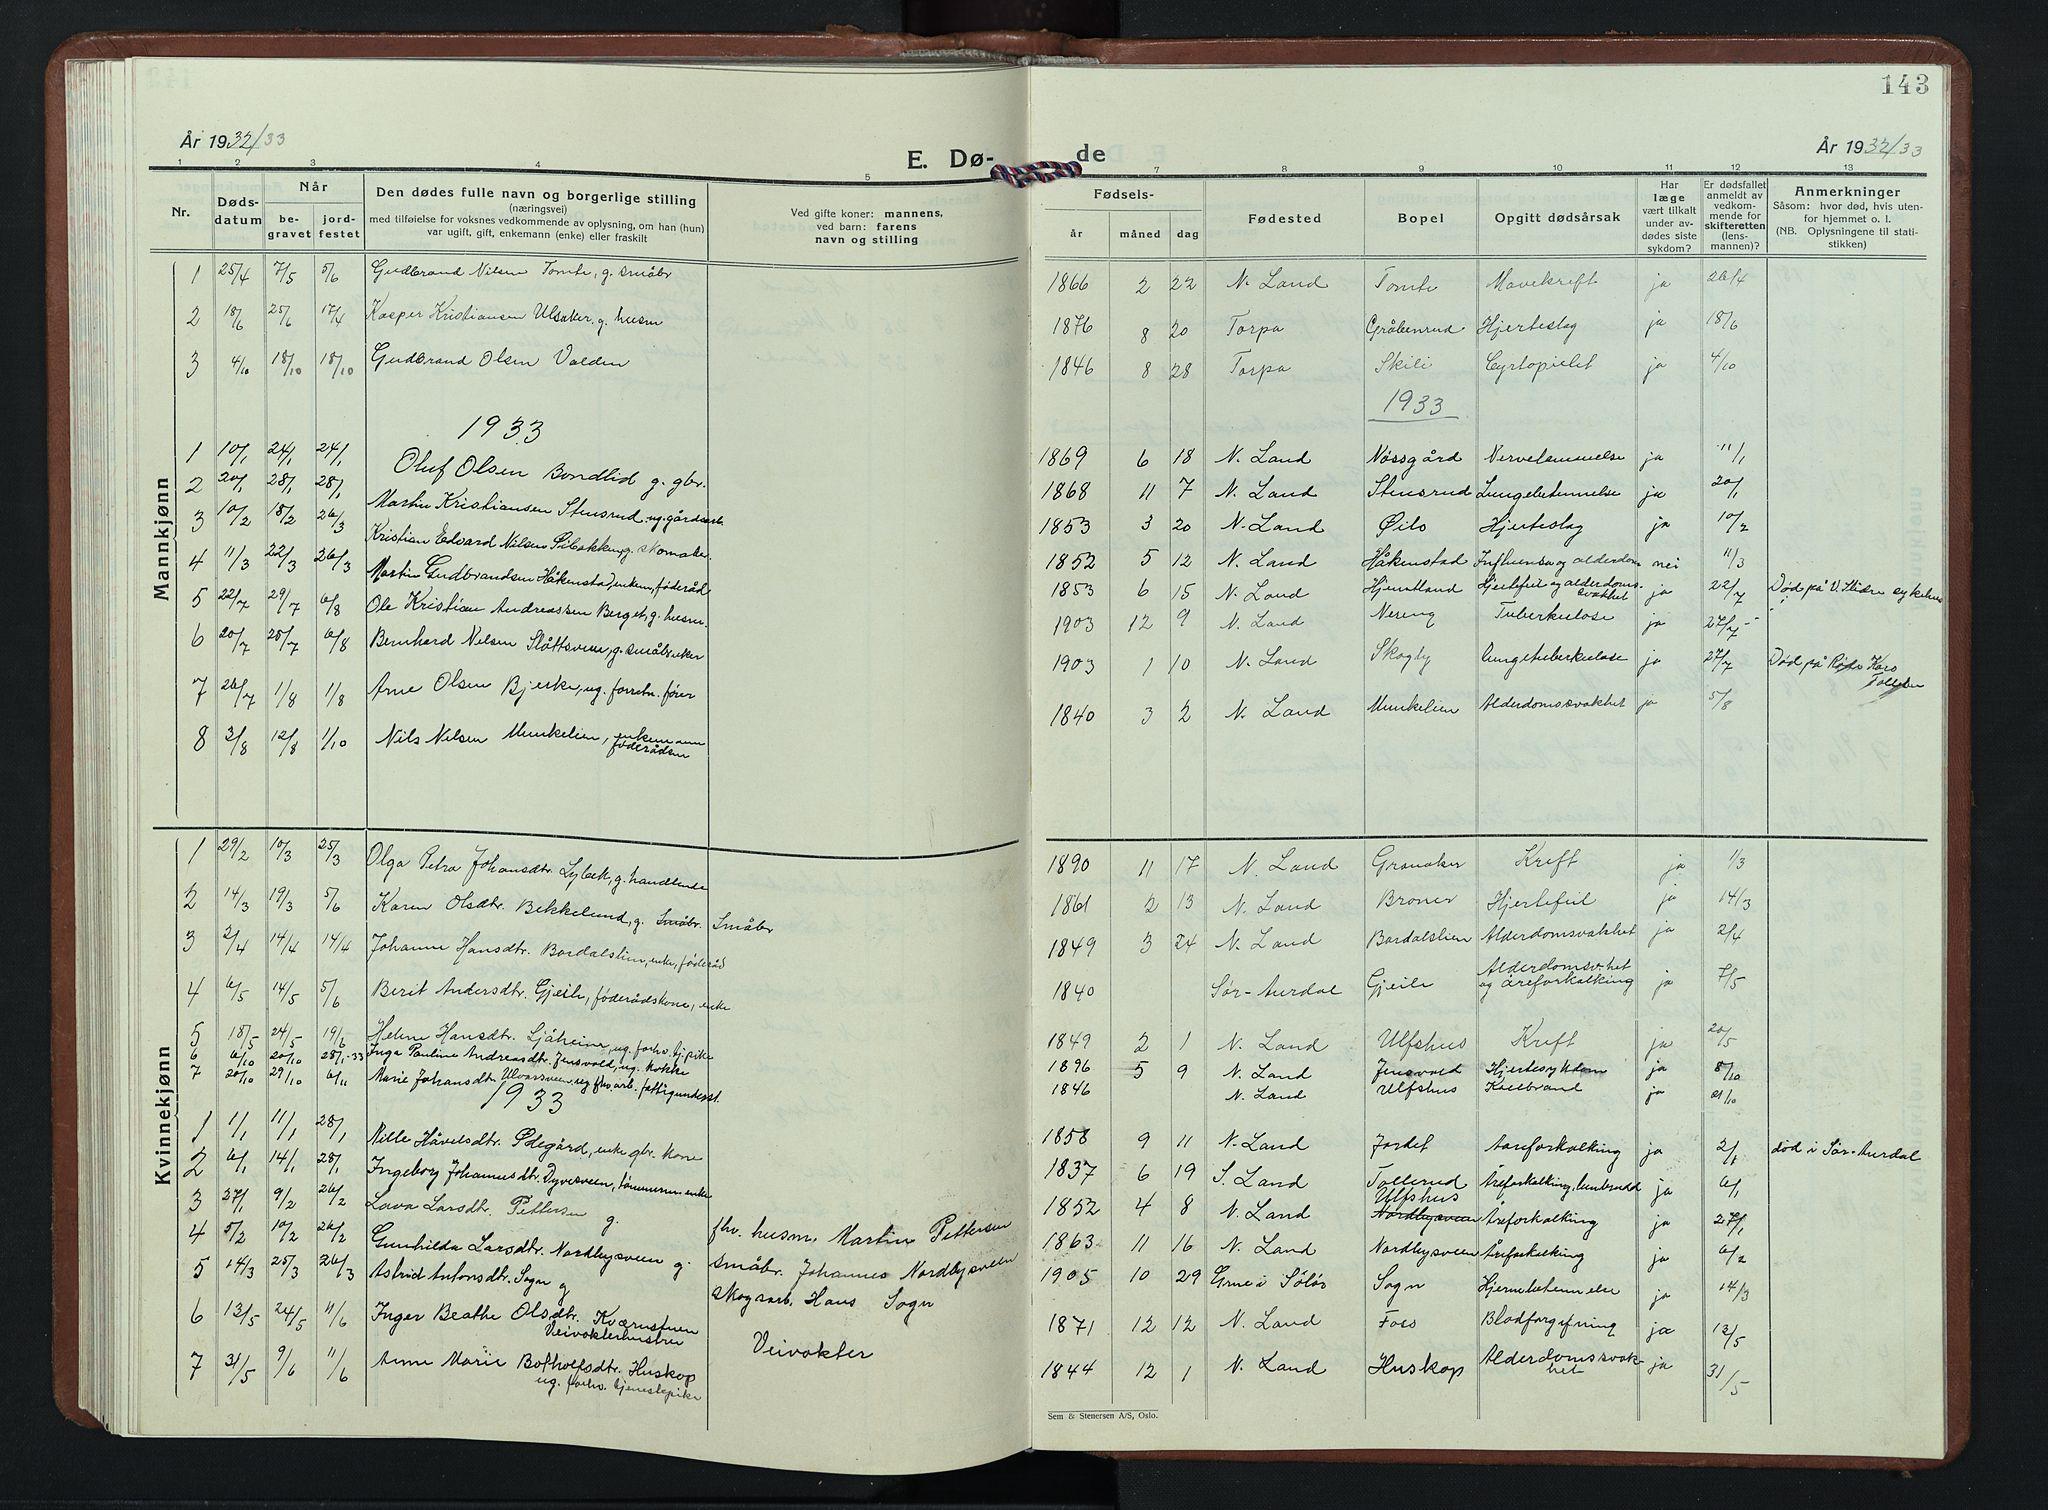 SAH, Nordre Land prestekontor, Klokkerbok nr. 7, 1930-1953, s. 143